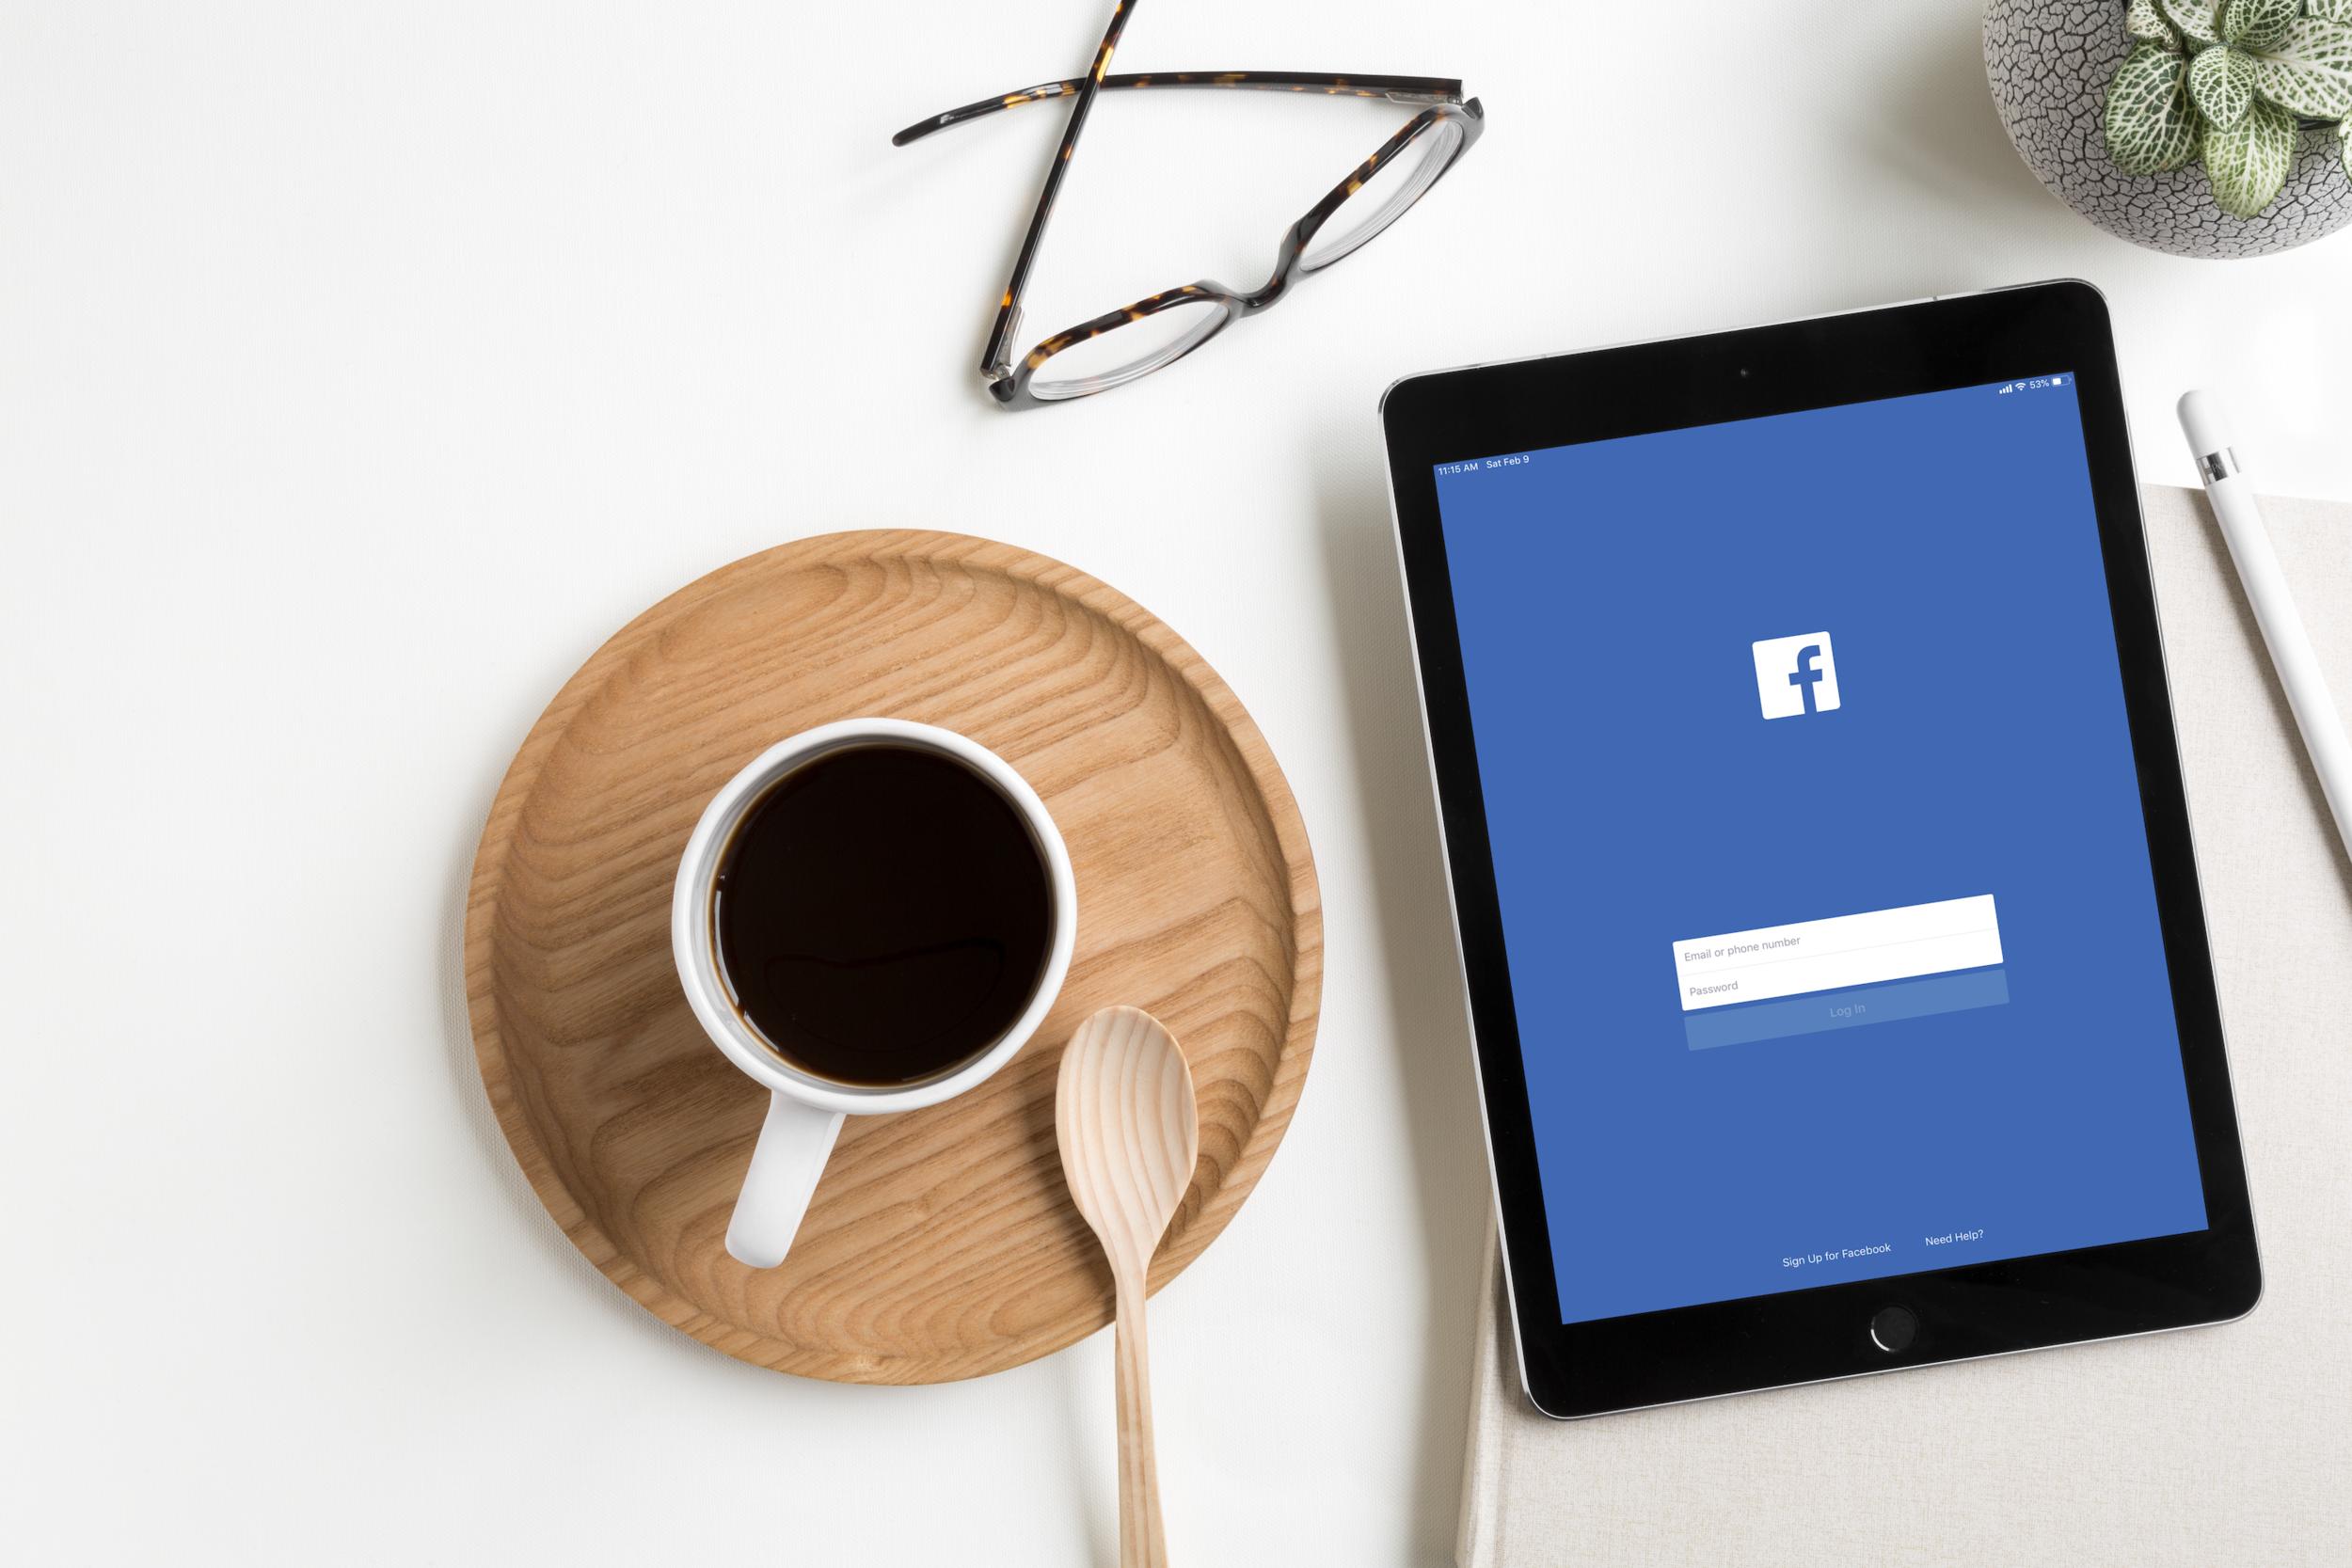 facebook_tablet.png